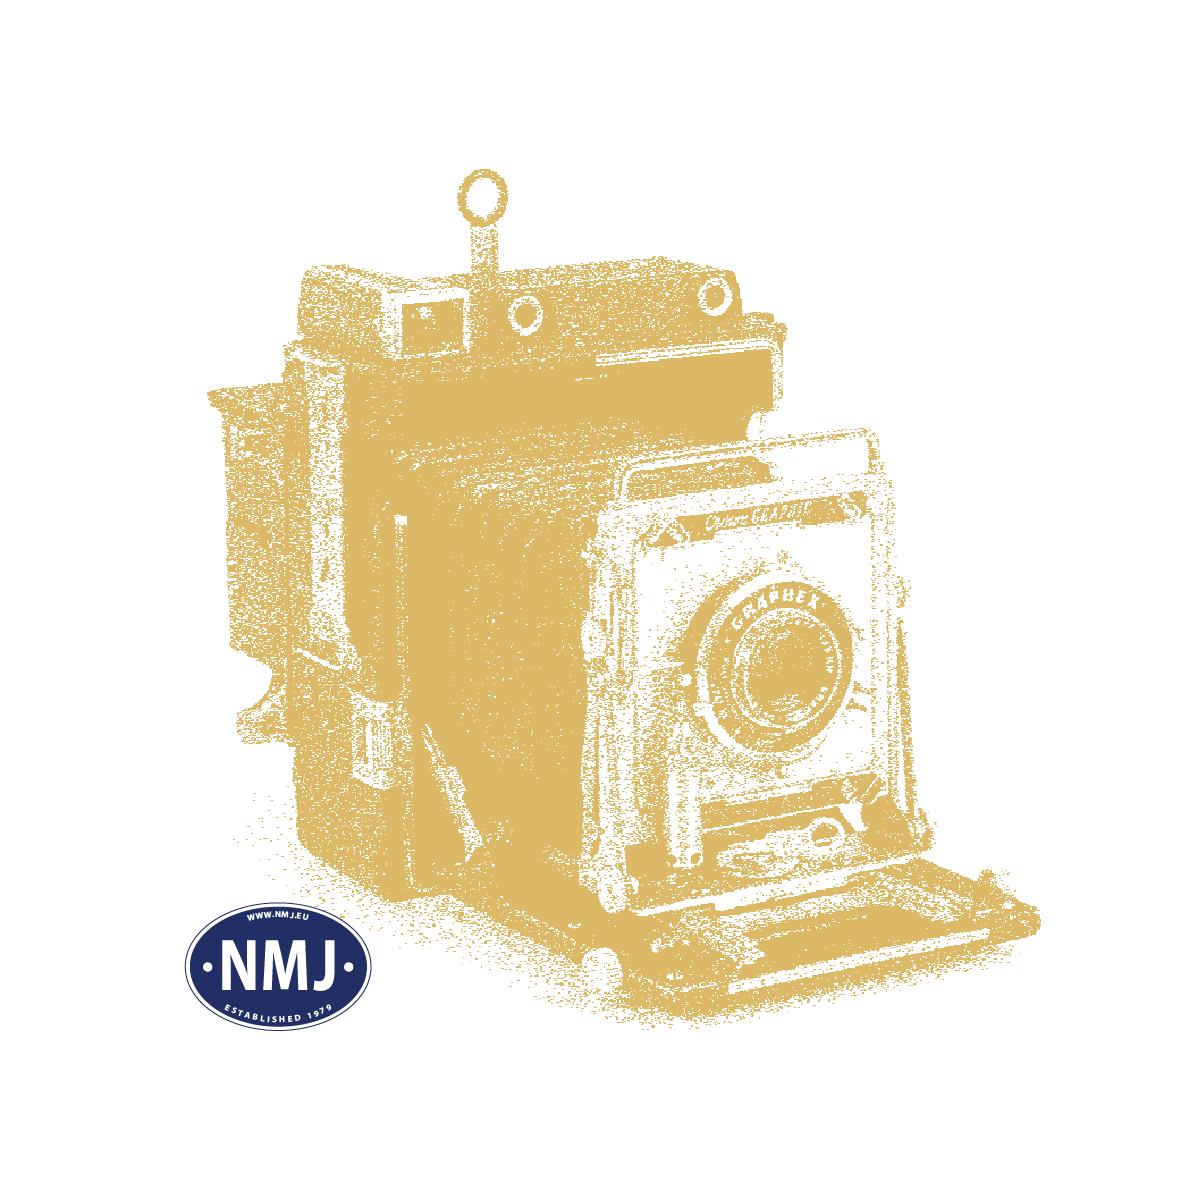 MBR51-2105 - Hvit Poppel, Sommer, 6-10 cm, N-Skala